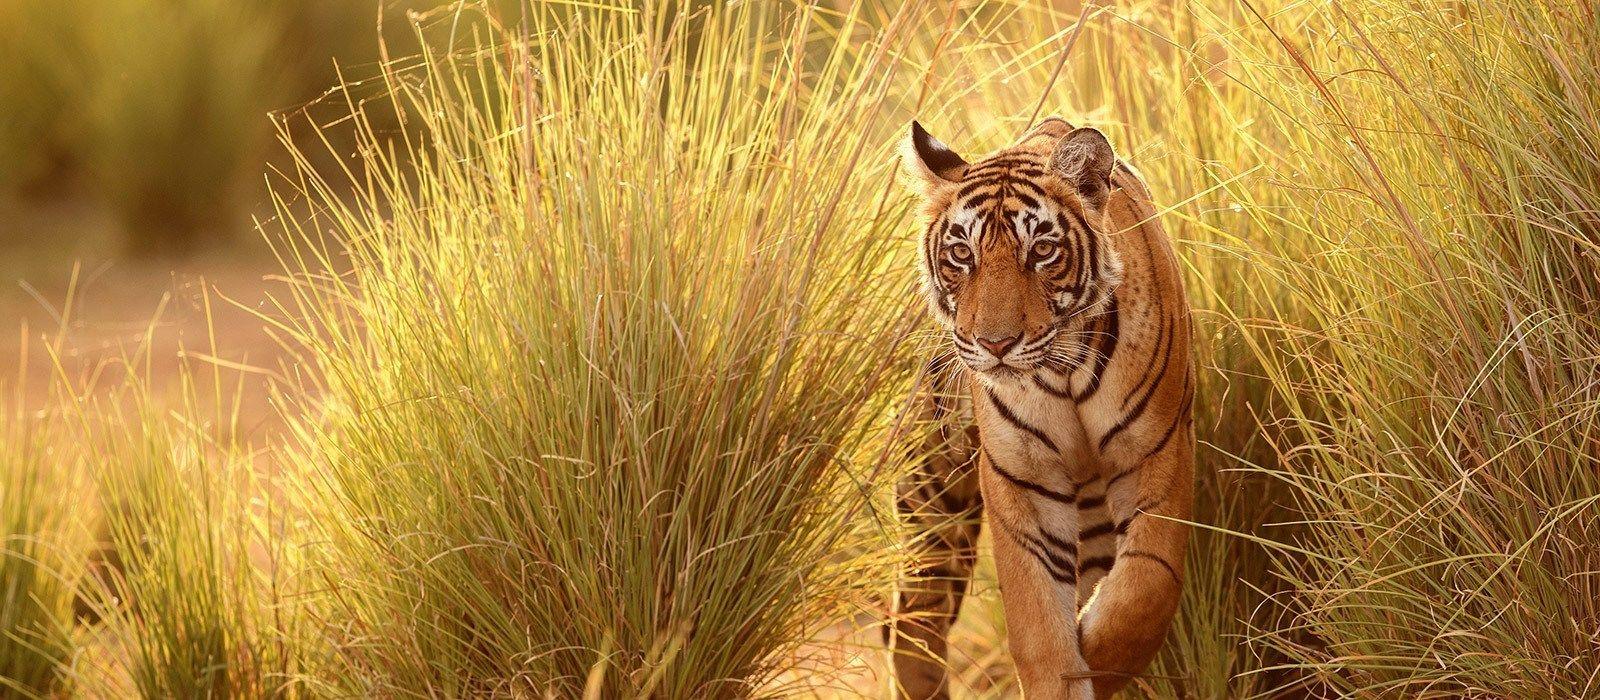 Im Land der wilden Tiger Urlaub 1